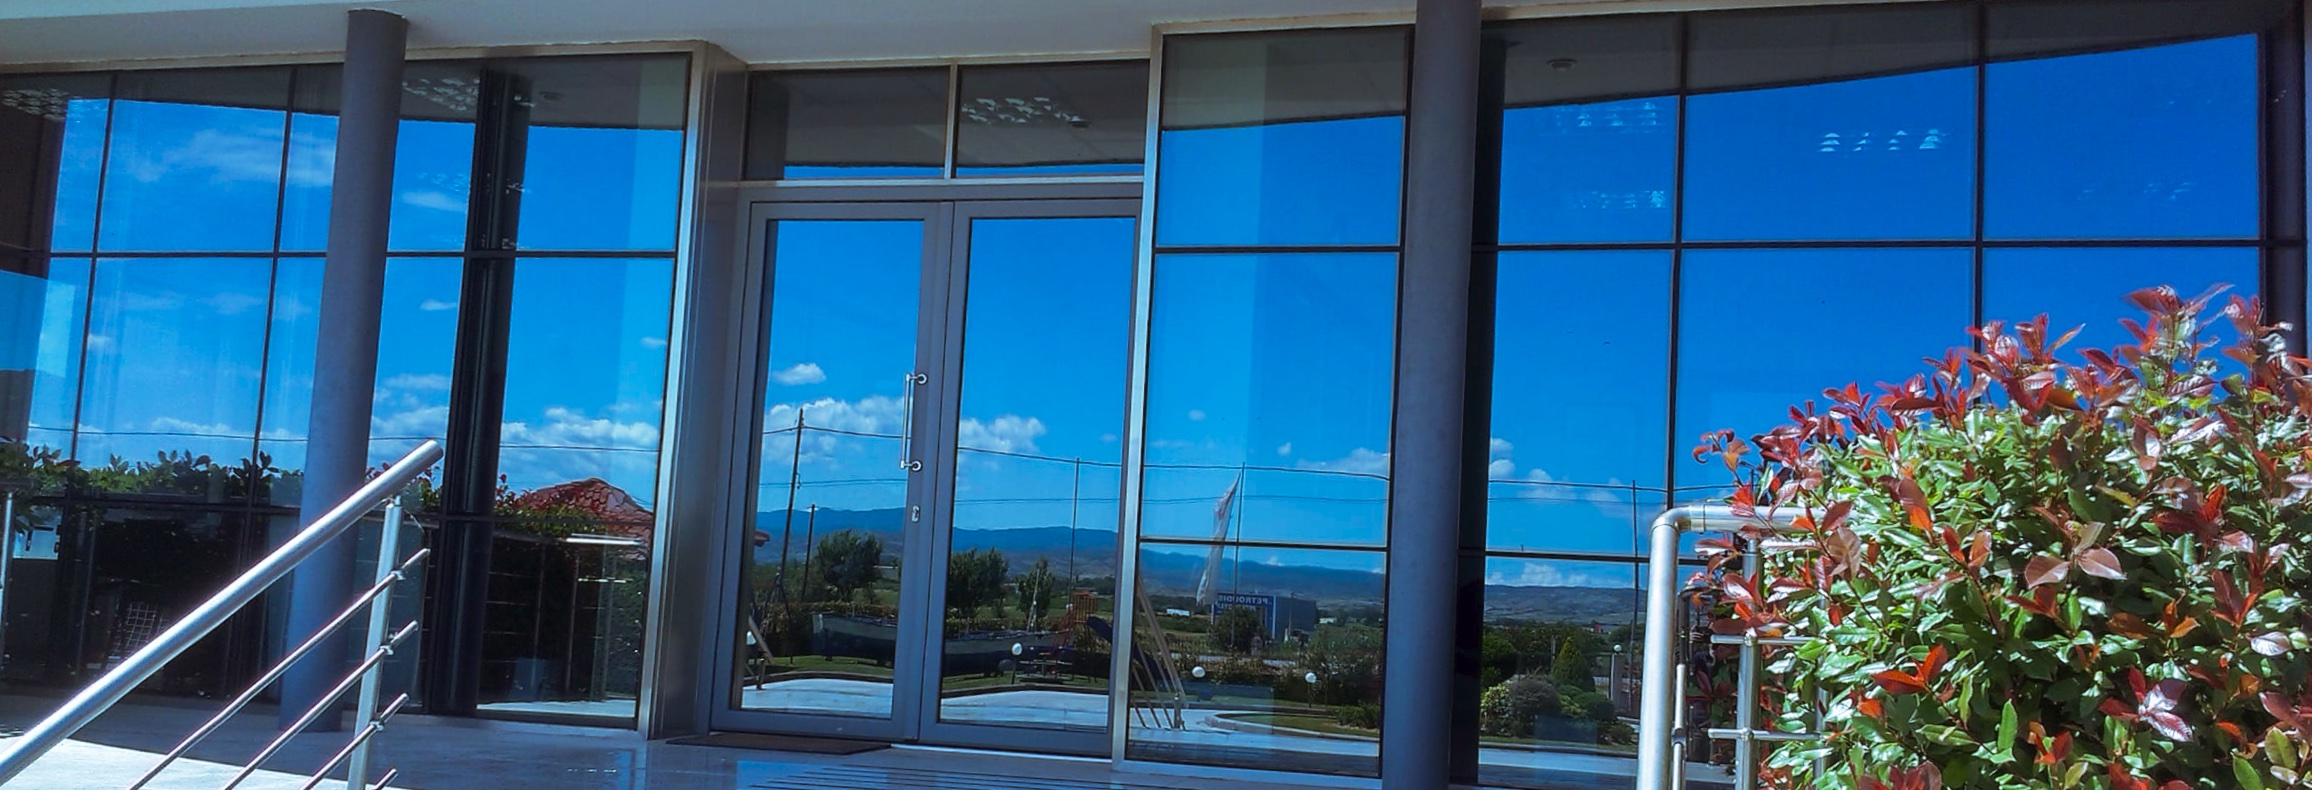 Glazed vitrine